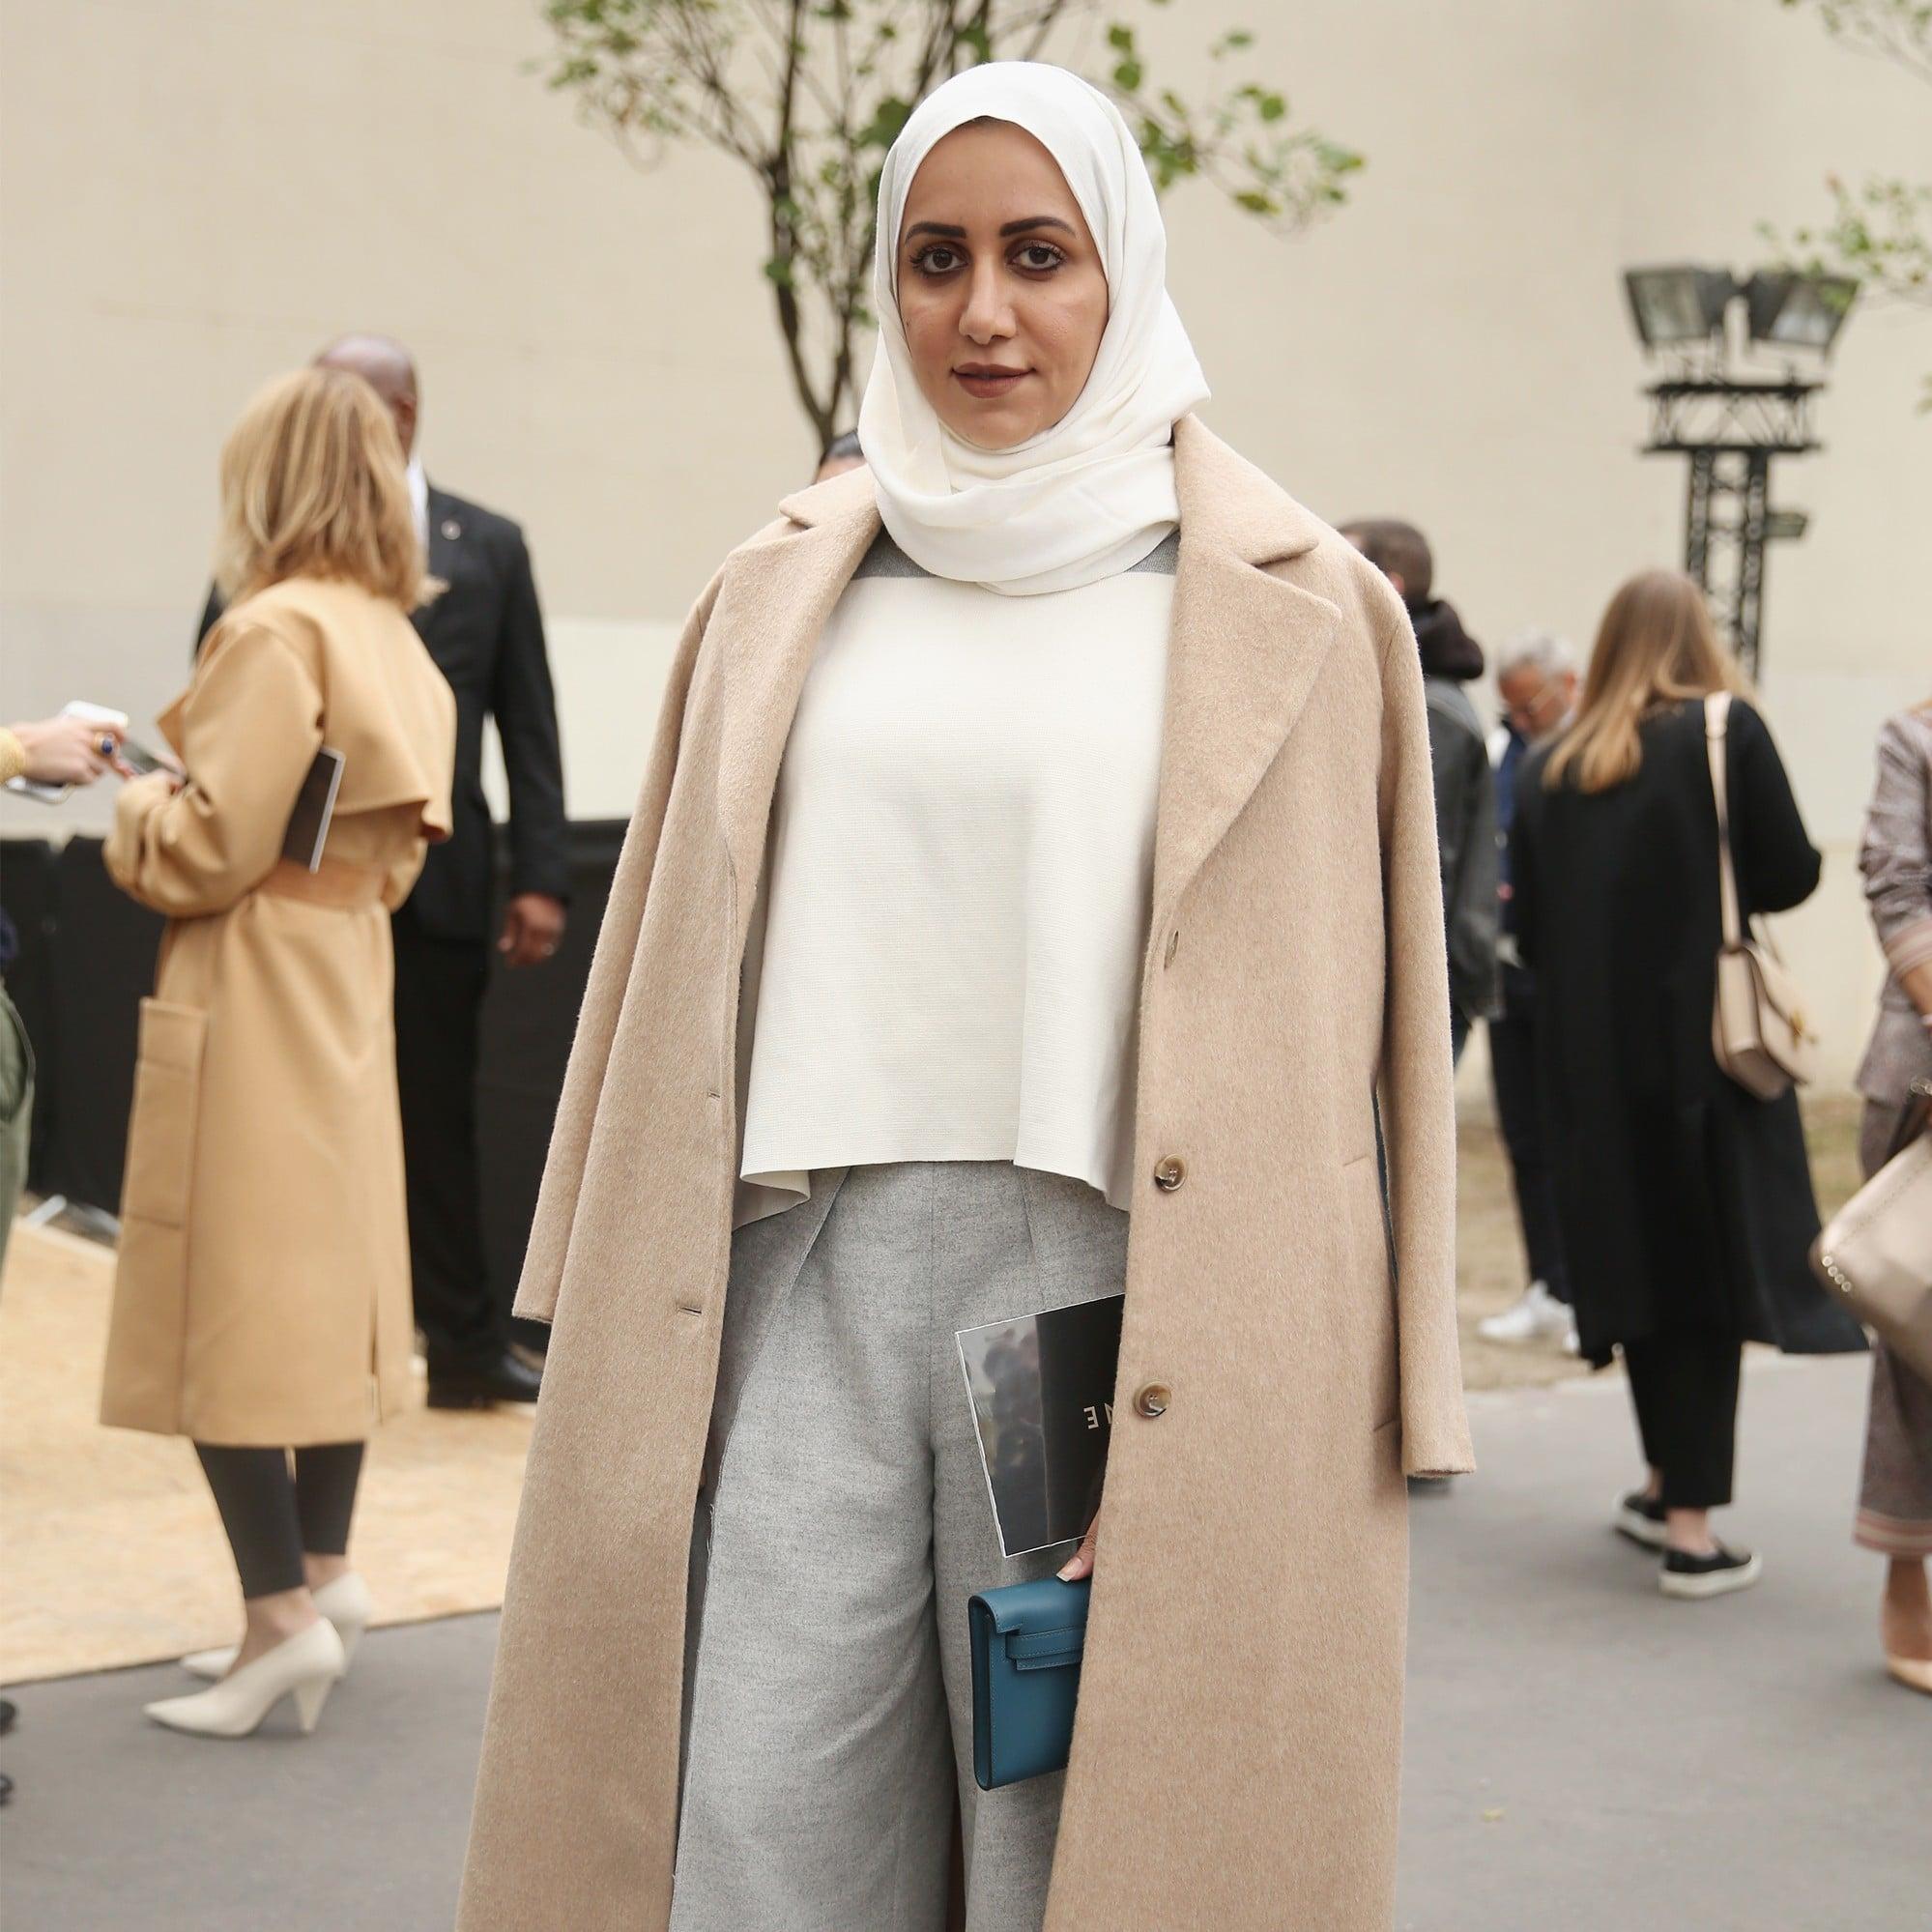 hijab boy